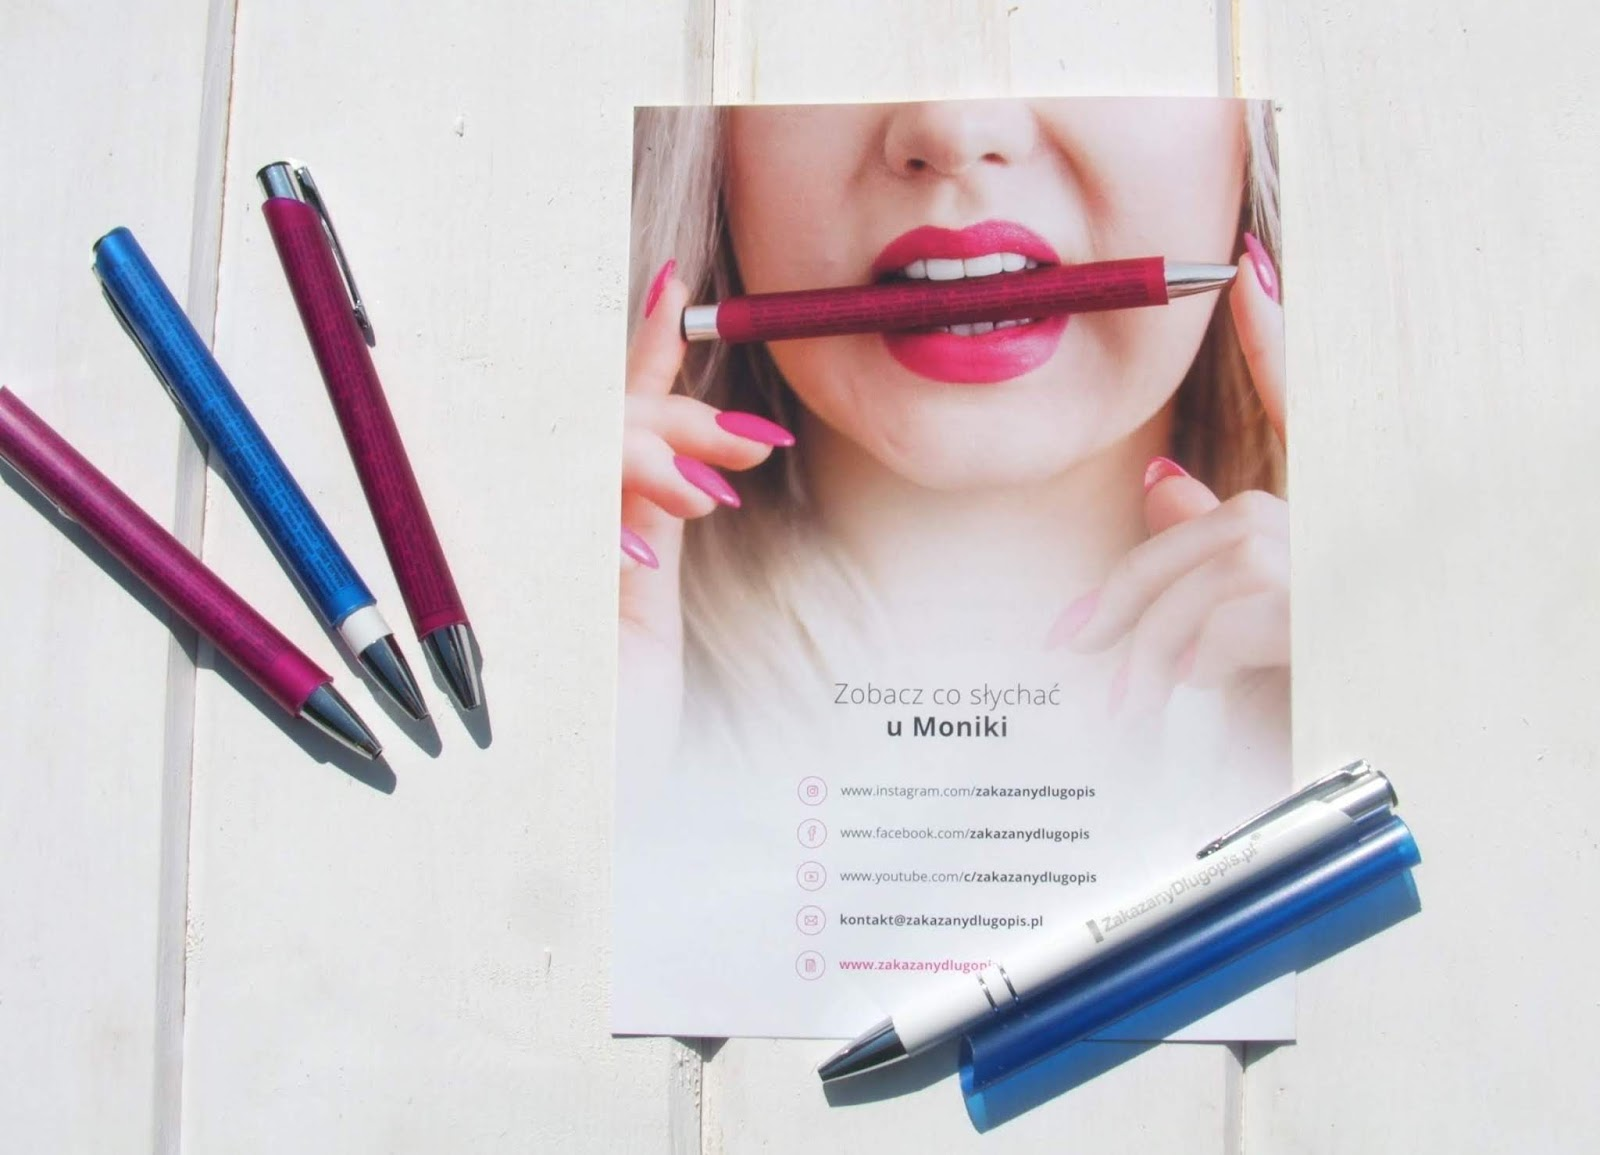 Ściągnie jeszcze nigdy nie było tak proste | Zakazany długopis®